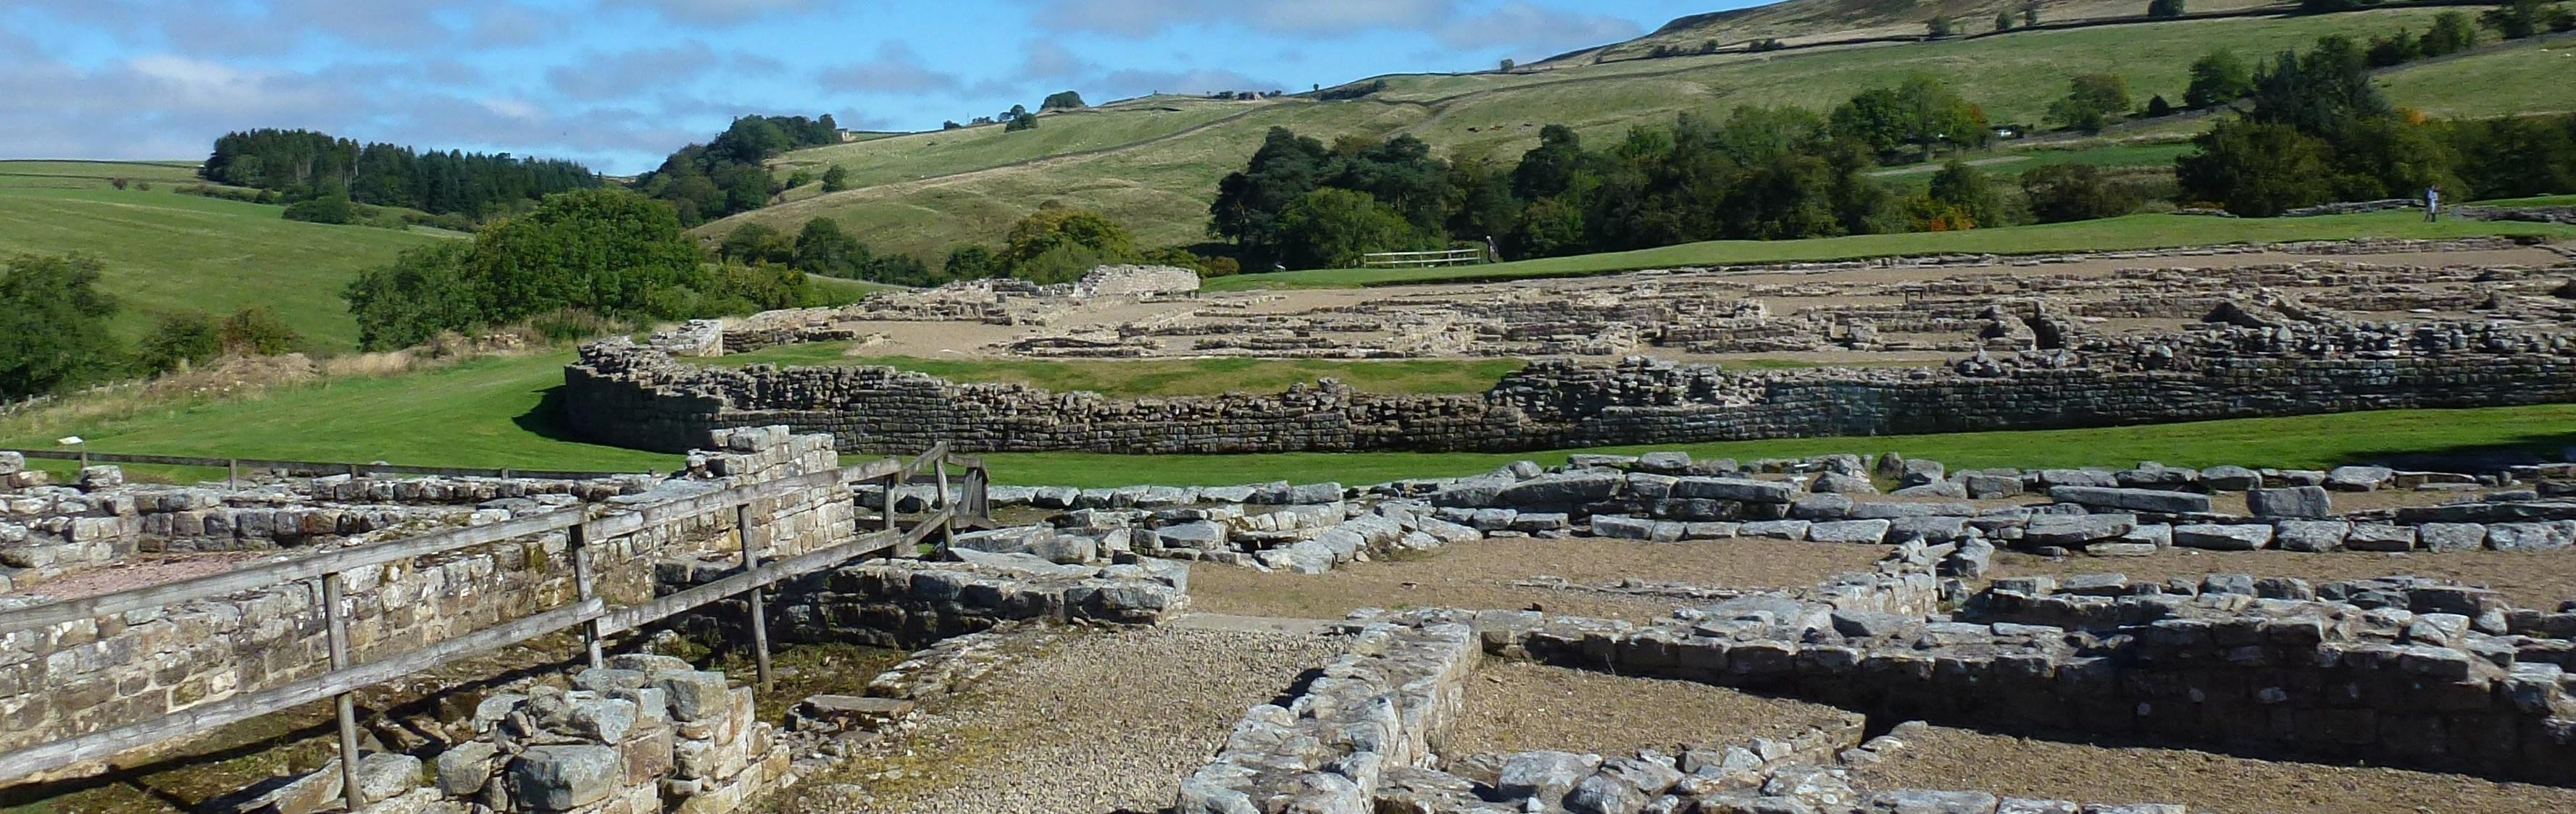 Vindolanda Roman Fort.